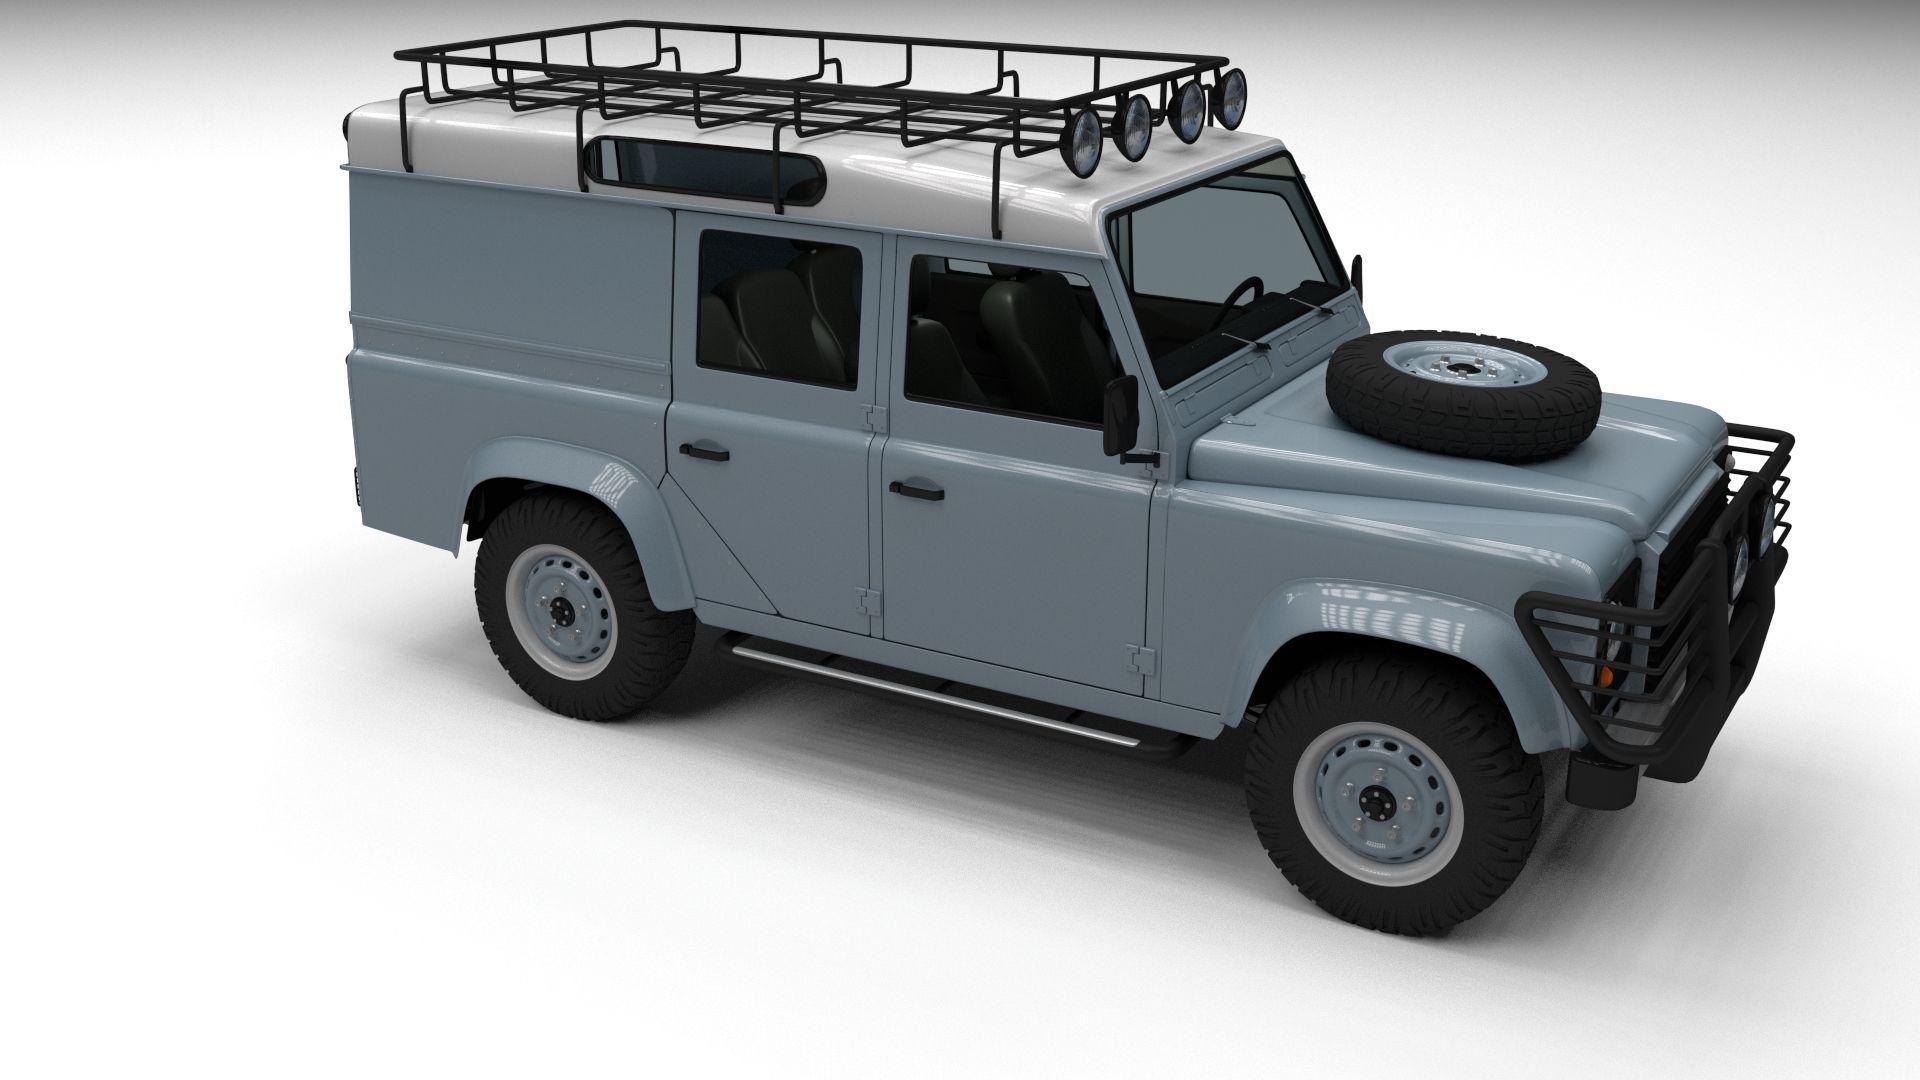 land rover defender 110 utility station wa 3d model obj fbx stl blend dae. Black Bedroom Furniture Sets. Home Design Ideas